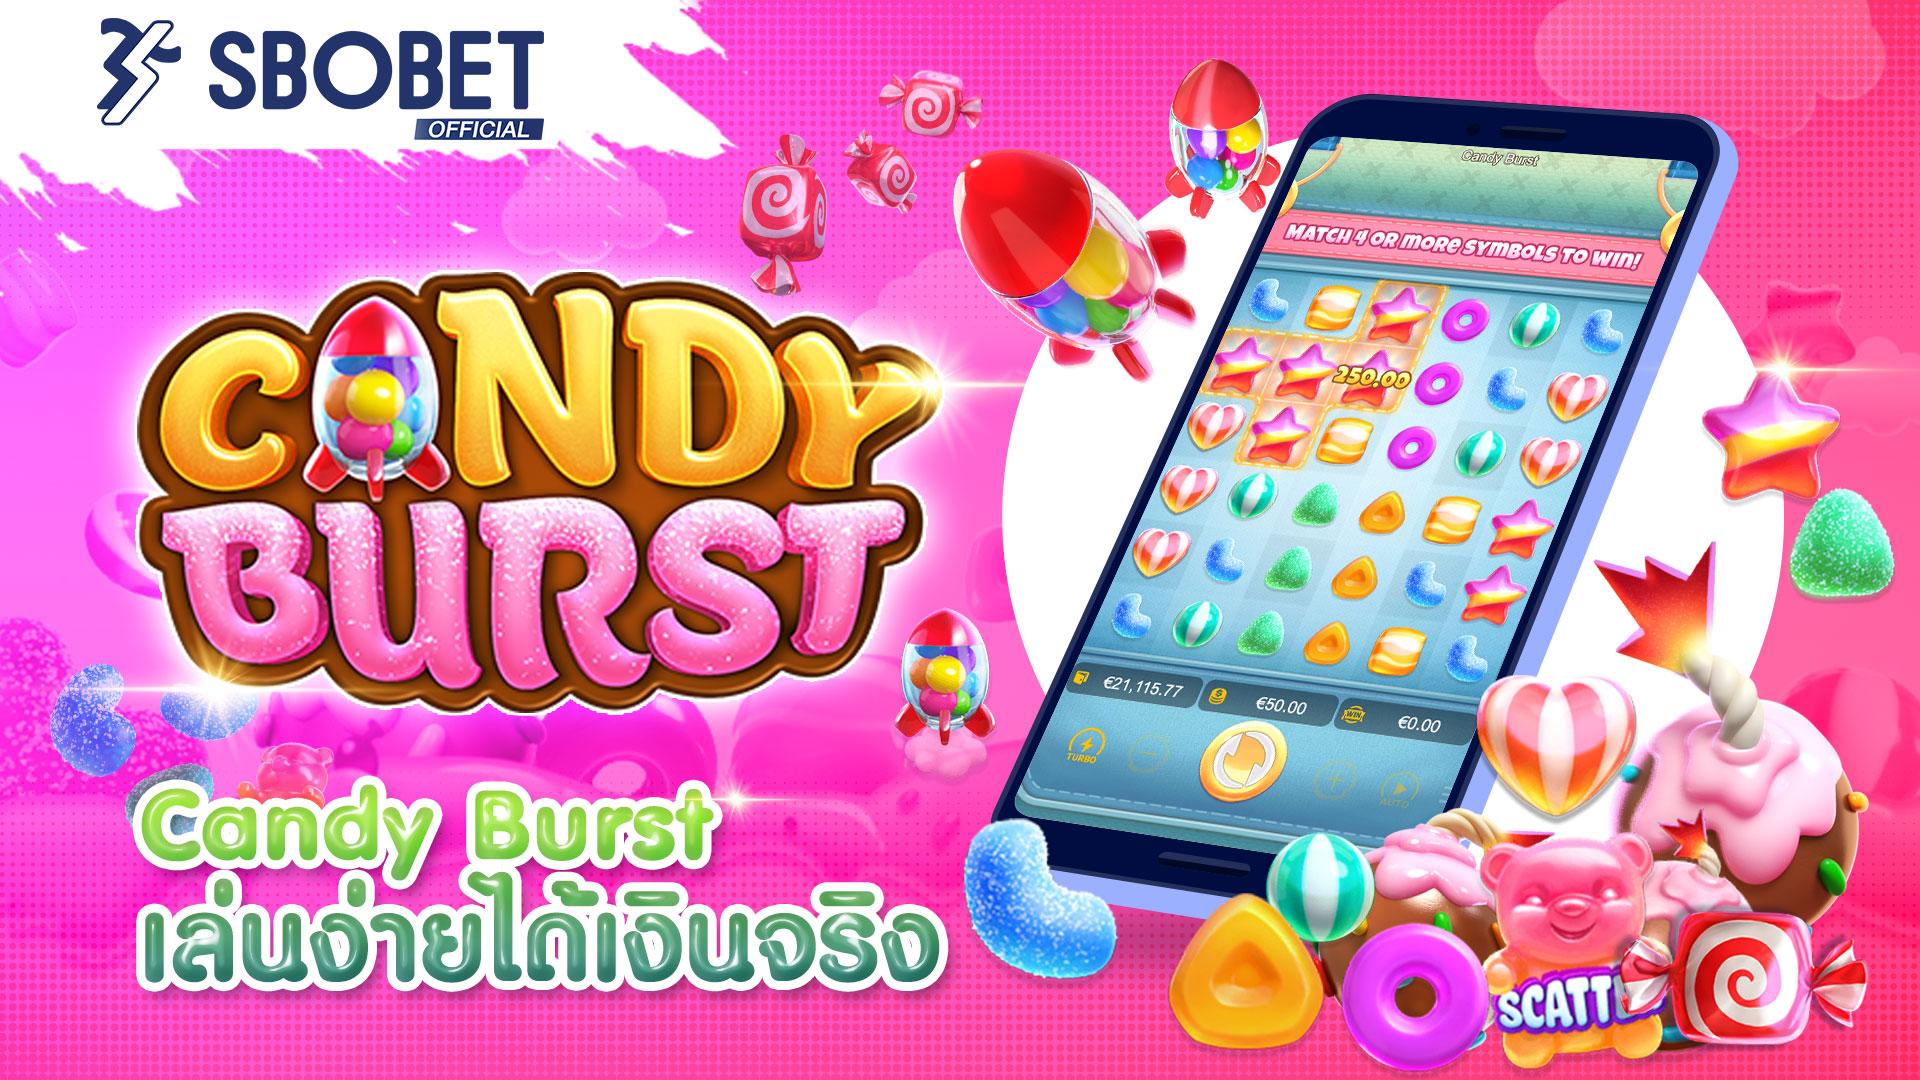 Candy Burst สโบเบท เกมสล็อตออนไลน์รูปแบบใหม่ ที่ท่านไม่ควรพลาด